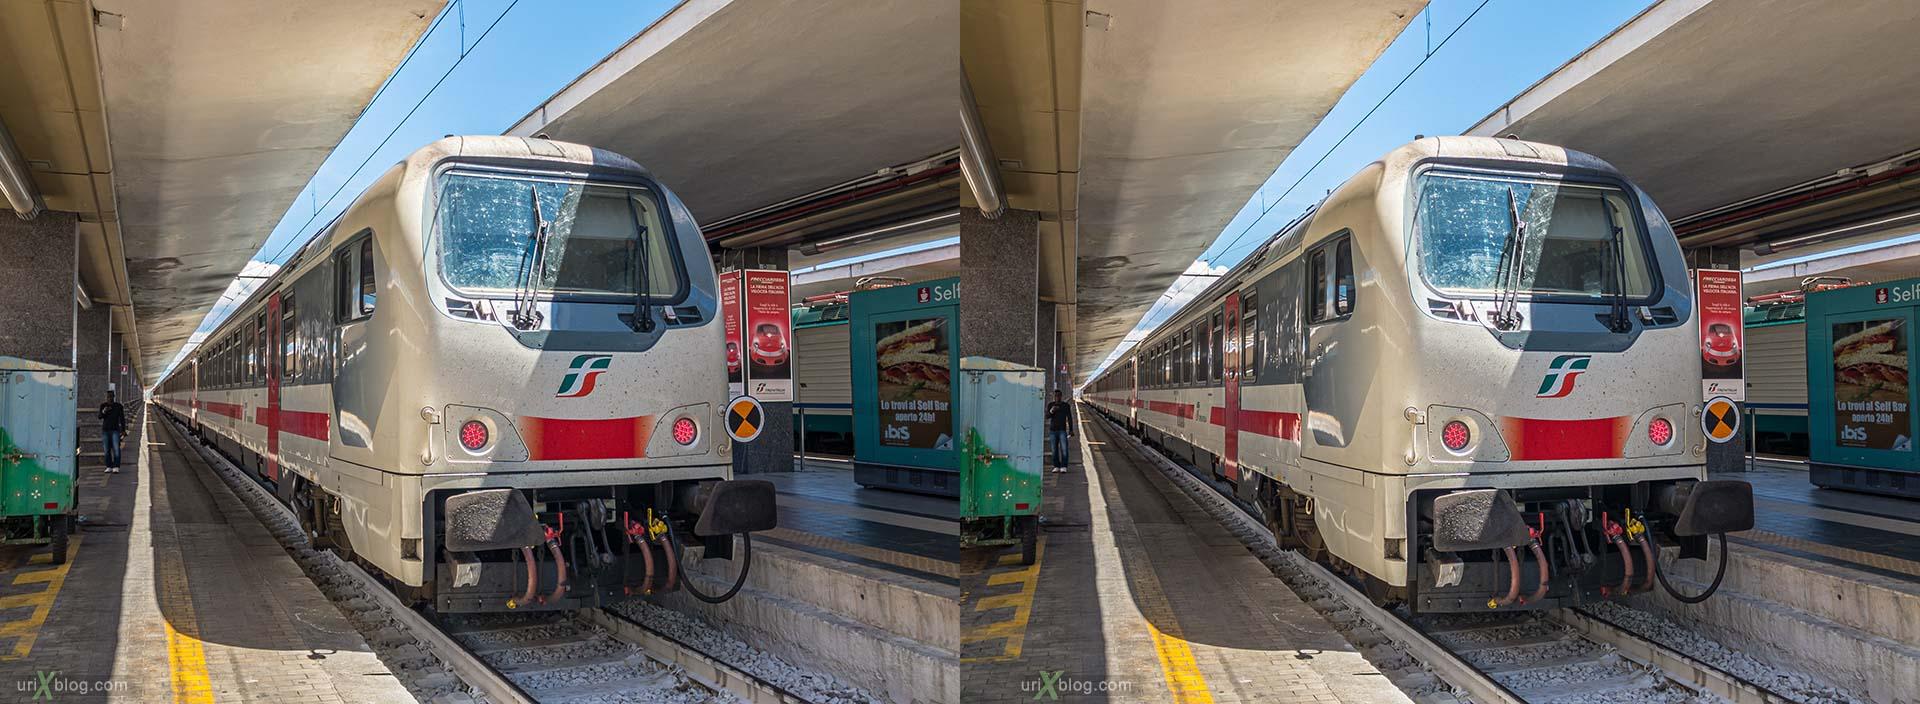 Napoli Centrale, Неаполь, жд вокзал, поезд, электровоз, Италия, 3D, перекрёстная стереопара, стерео, стереопара